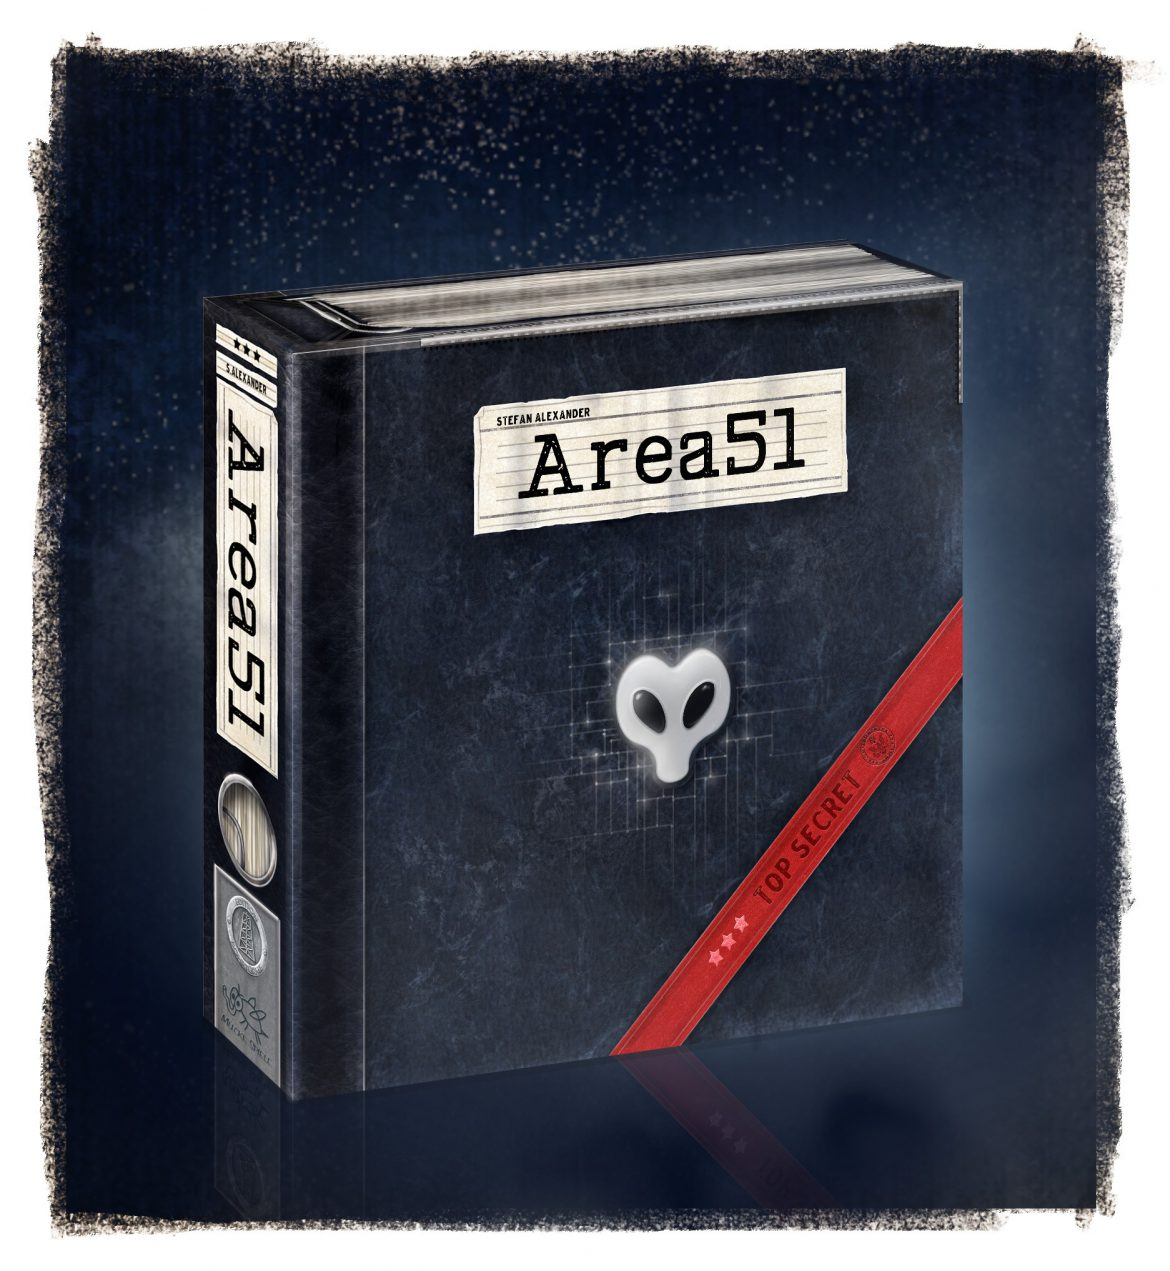 News & Reviews: Area 51